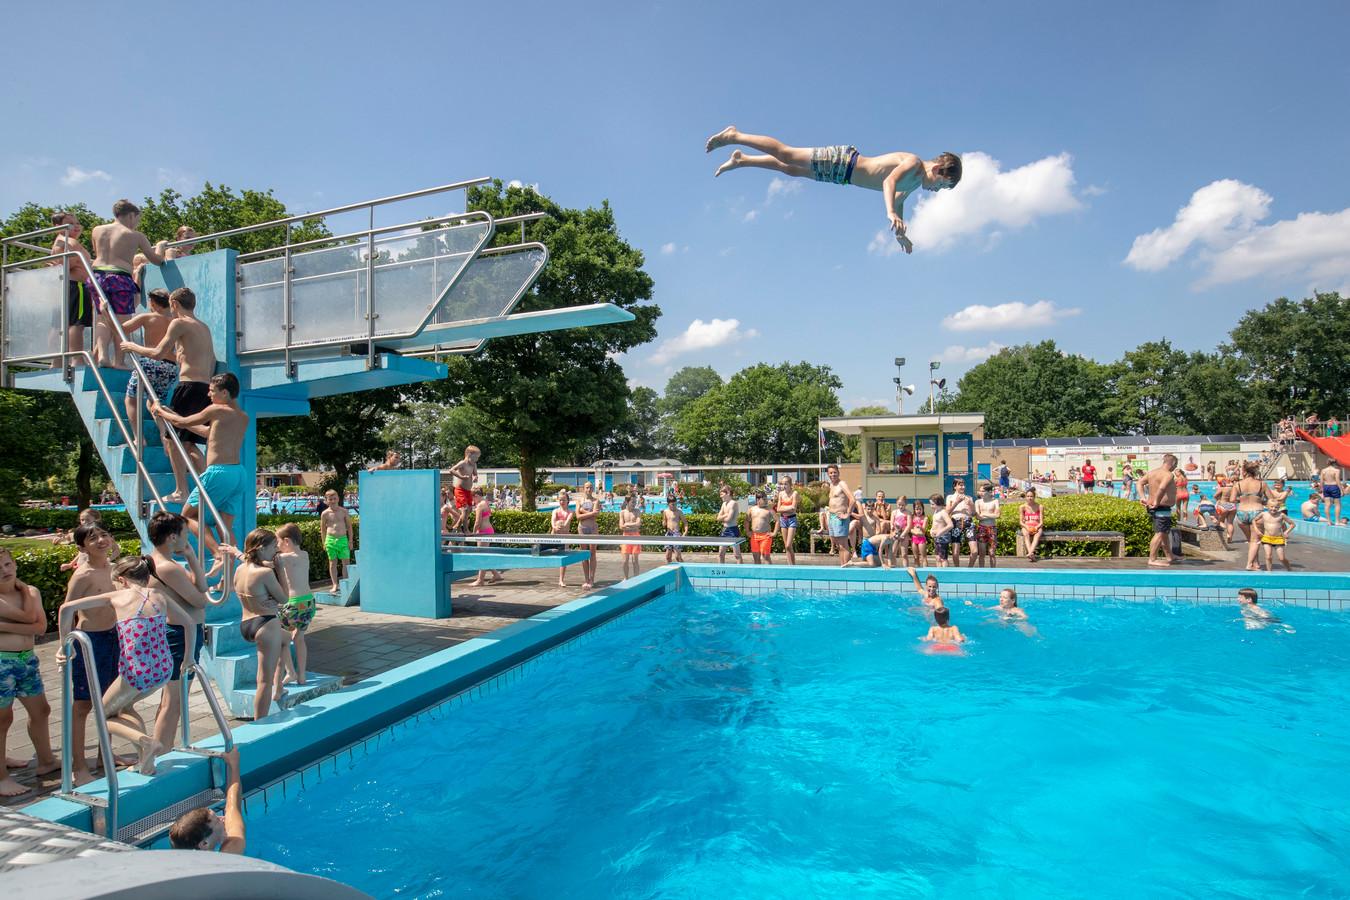 Zwembad de Vrije Slag in 2018.